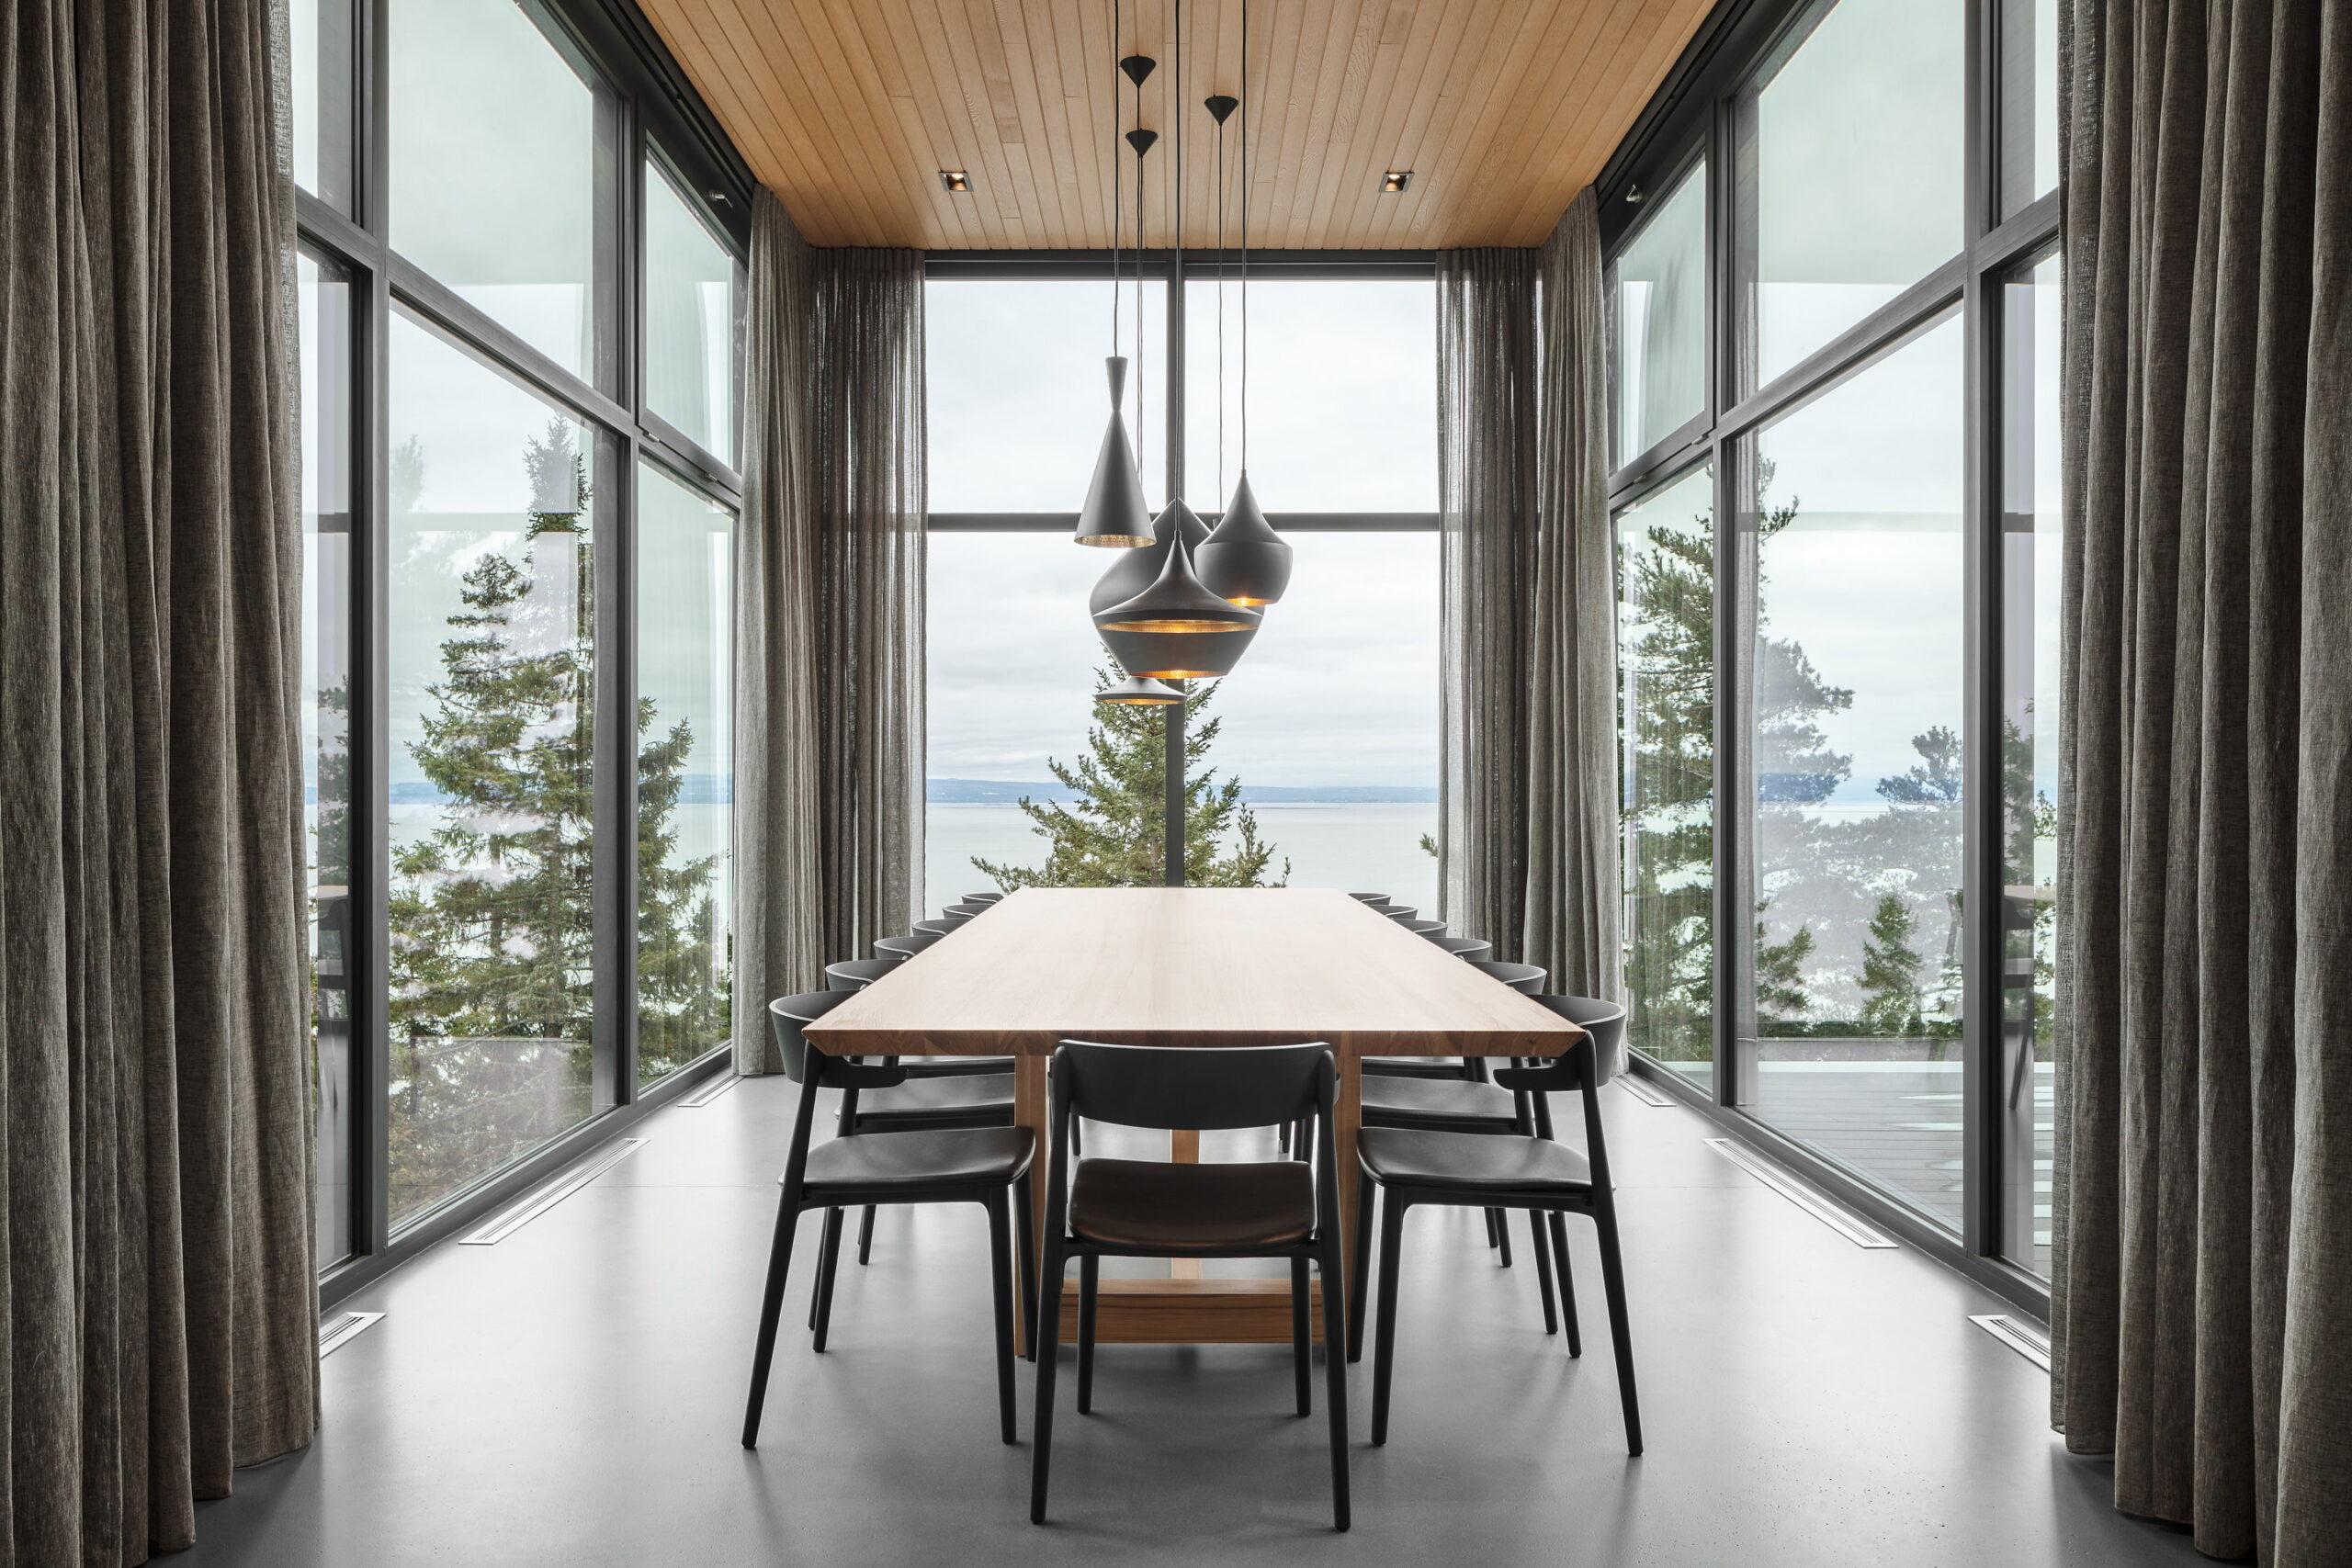 Доходные апартаменты могут стать перспективным направлением коммерческой недвижимости – мнение